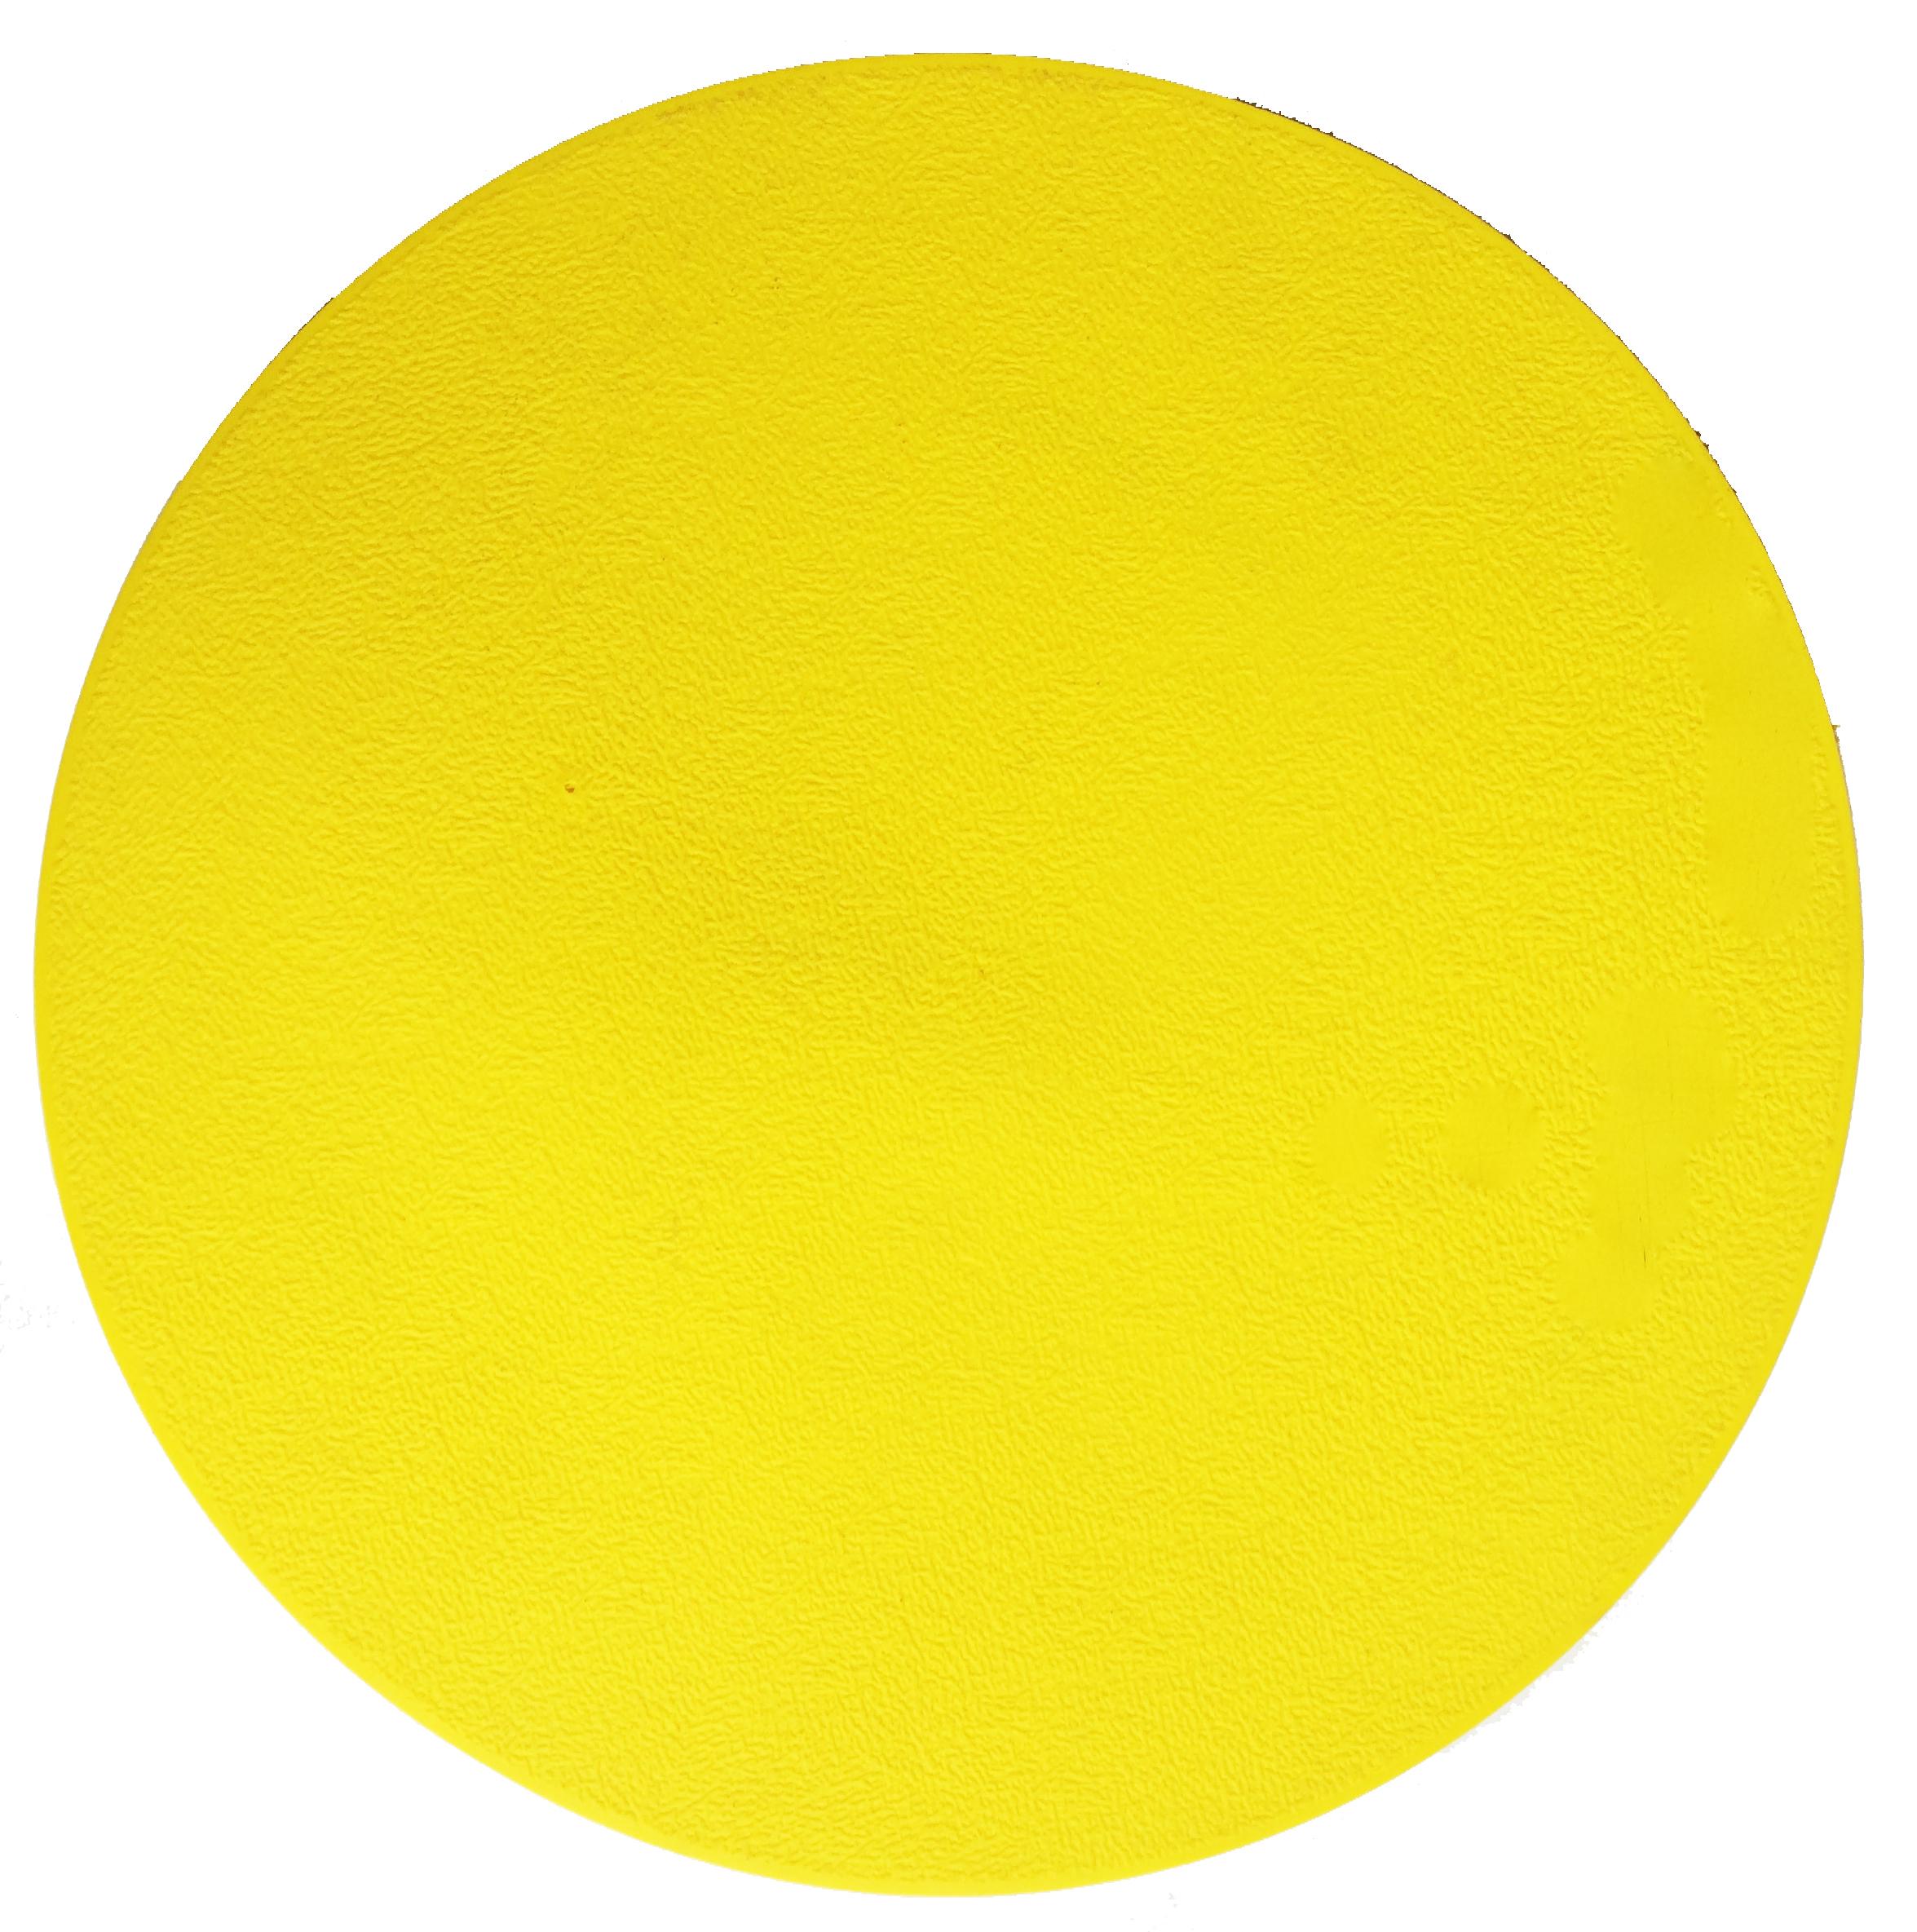 SNS Spot Marker Yellow